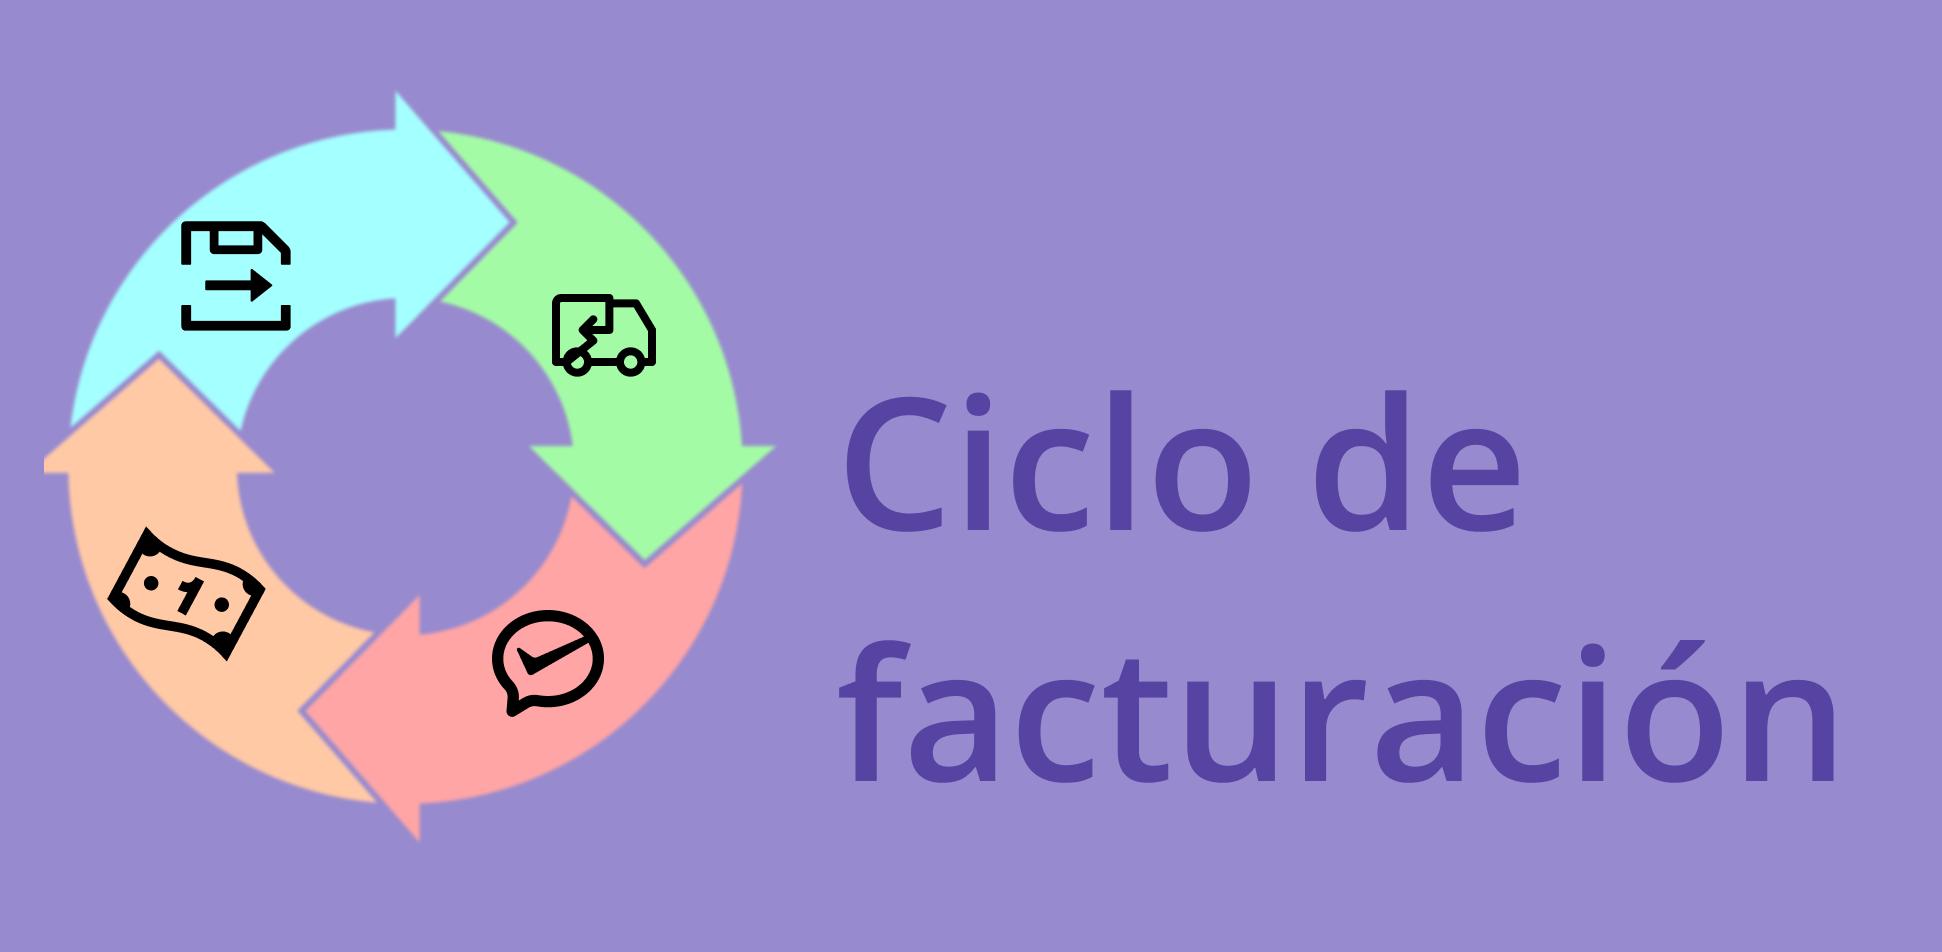 Ciclo de facturación